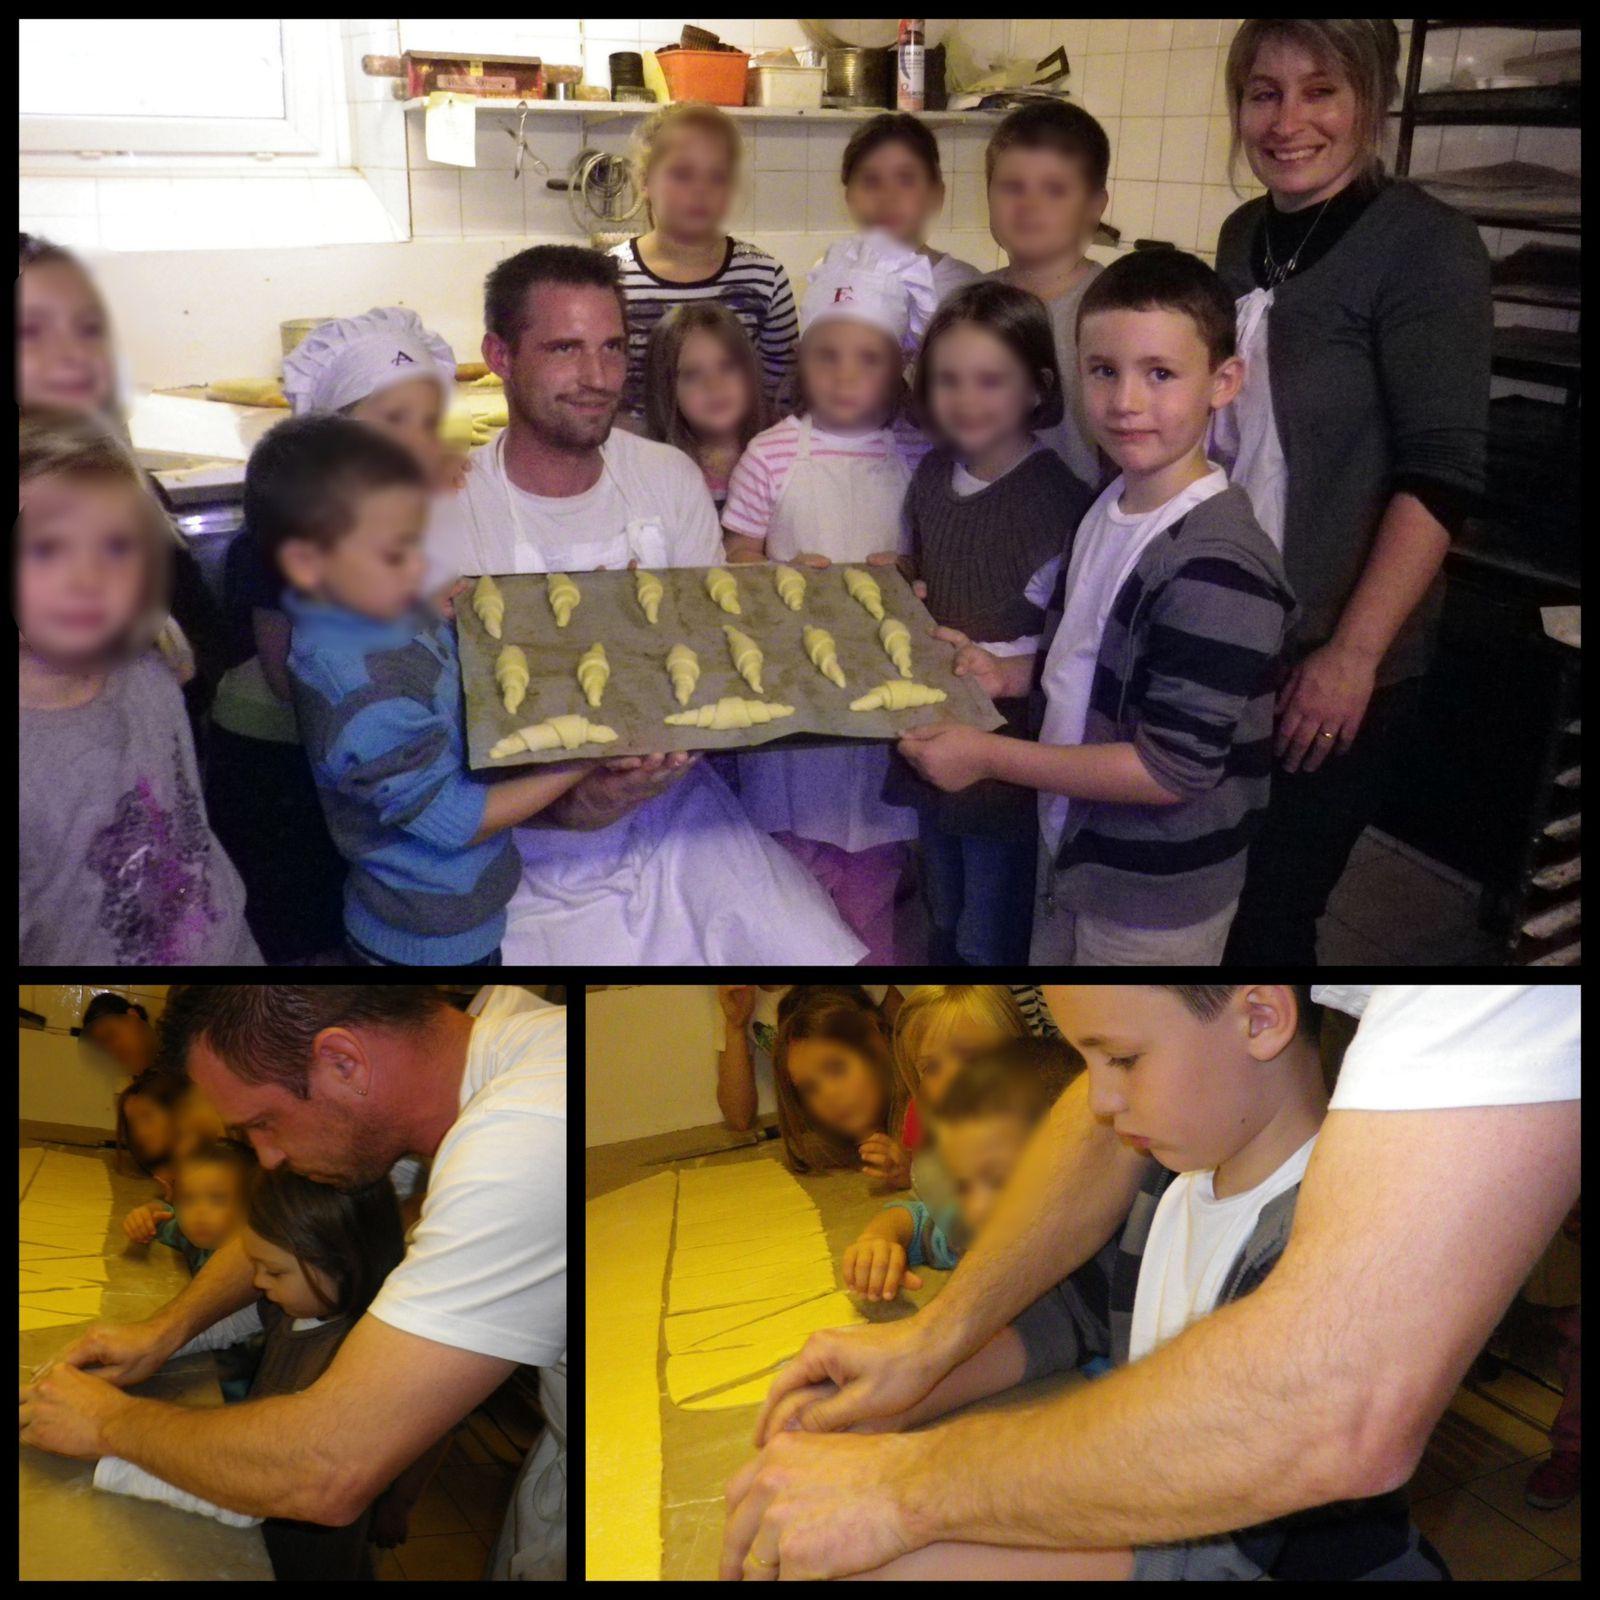 Après avoir montré et expliqué aux enfants, le boulanger a coupé la pâte, et chacun a pu façonner son croissant